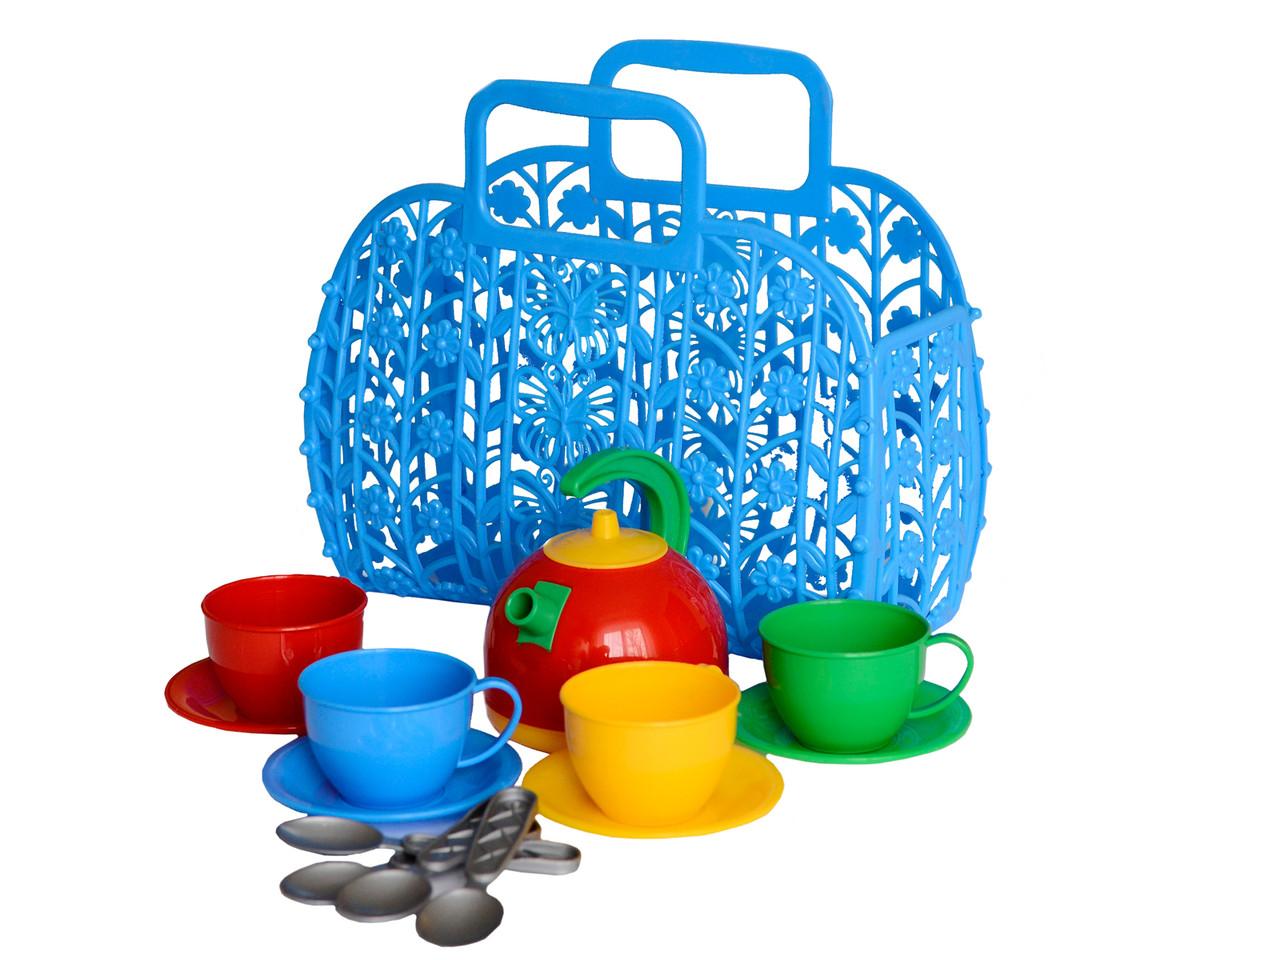 Детский игровой набор посудка Корзинка с набором посуды ТехноК пластик - Style-Baby детский магазин в Киеве